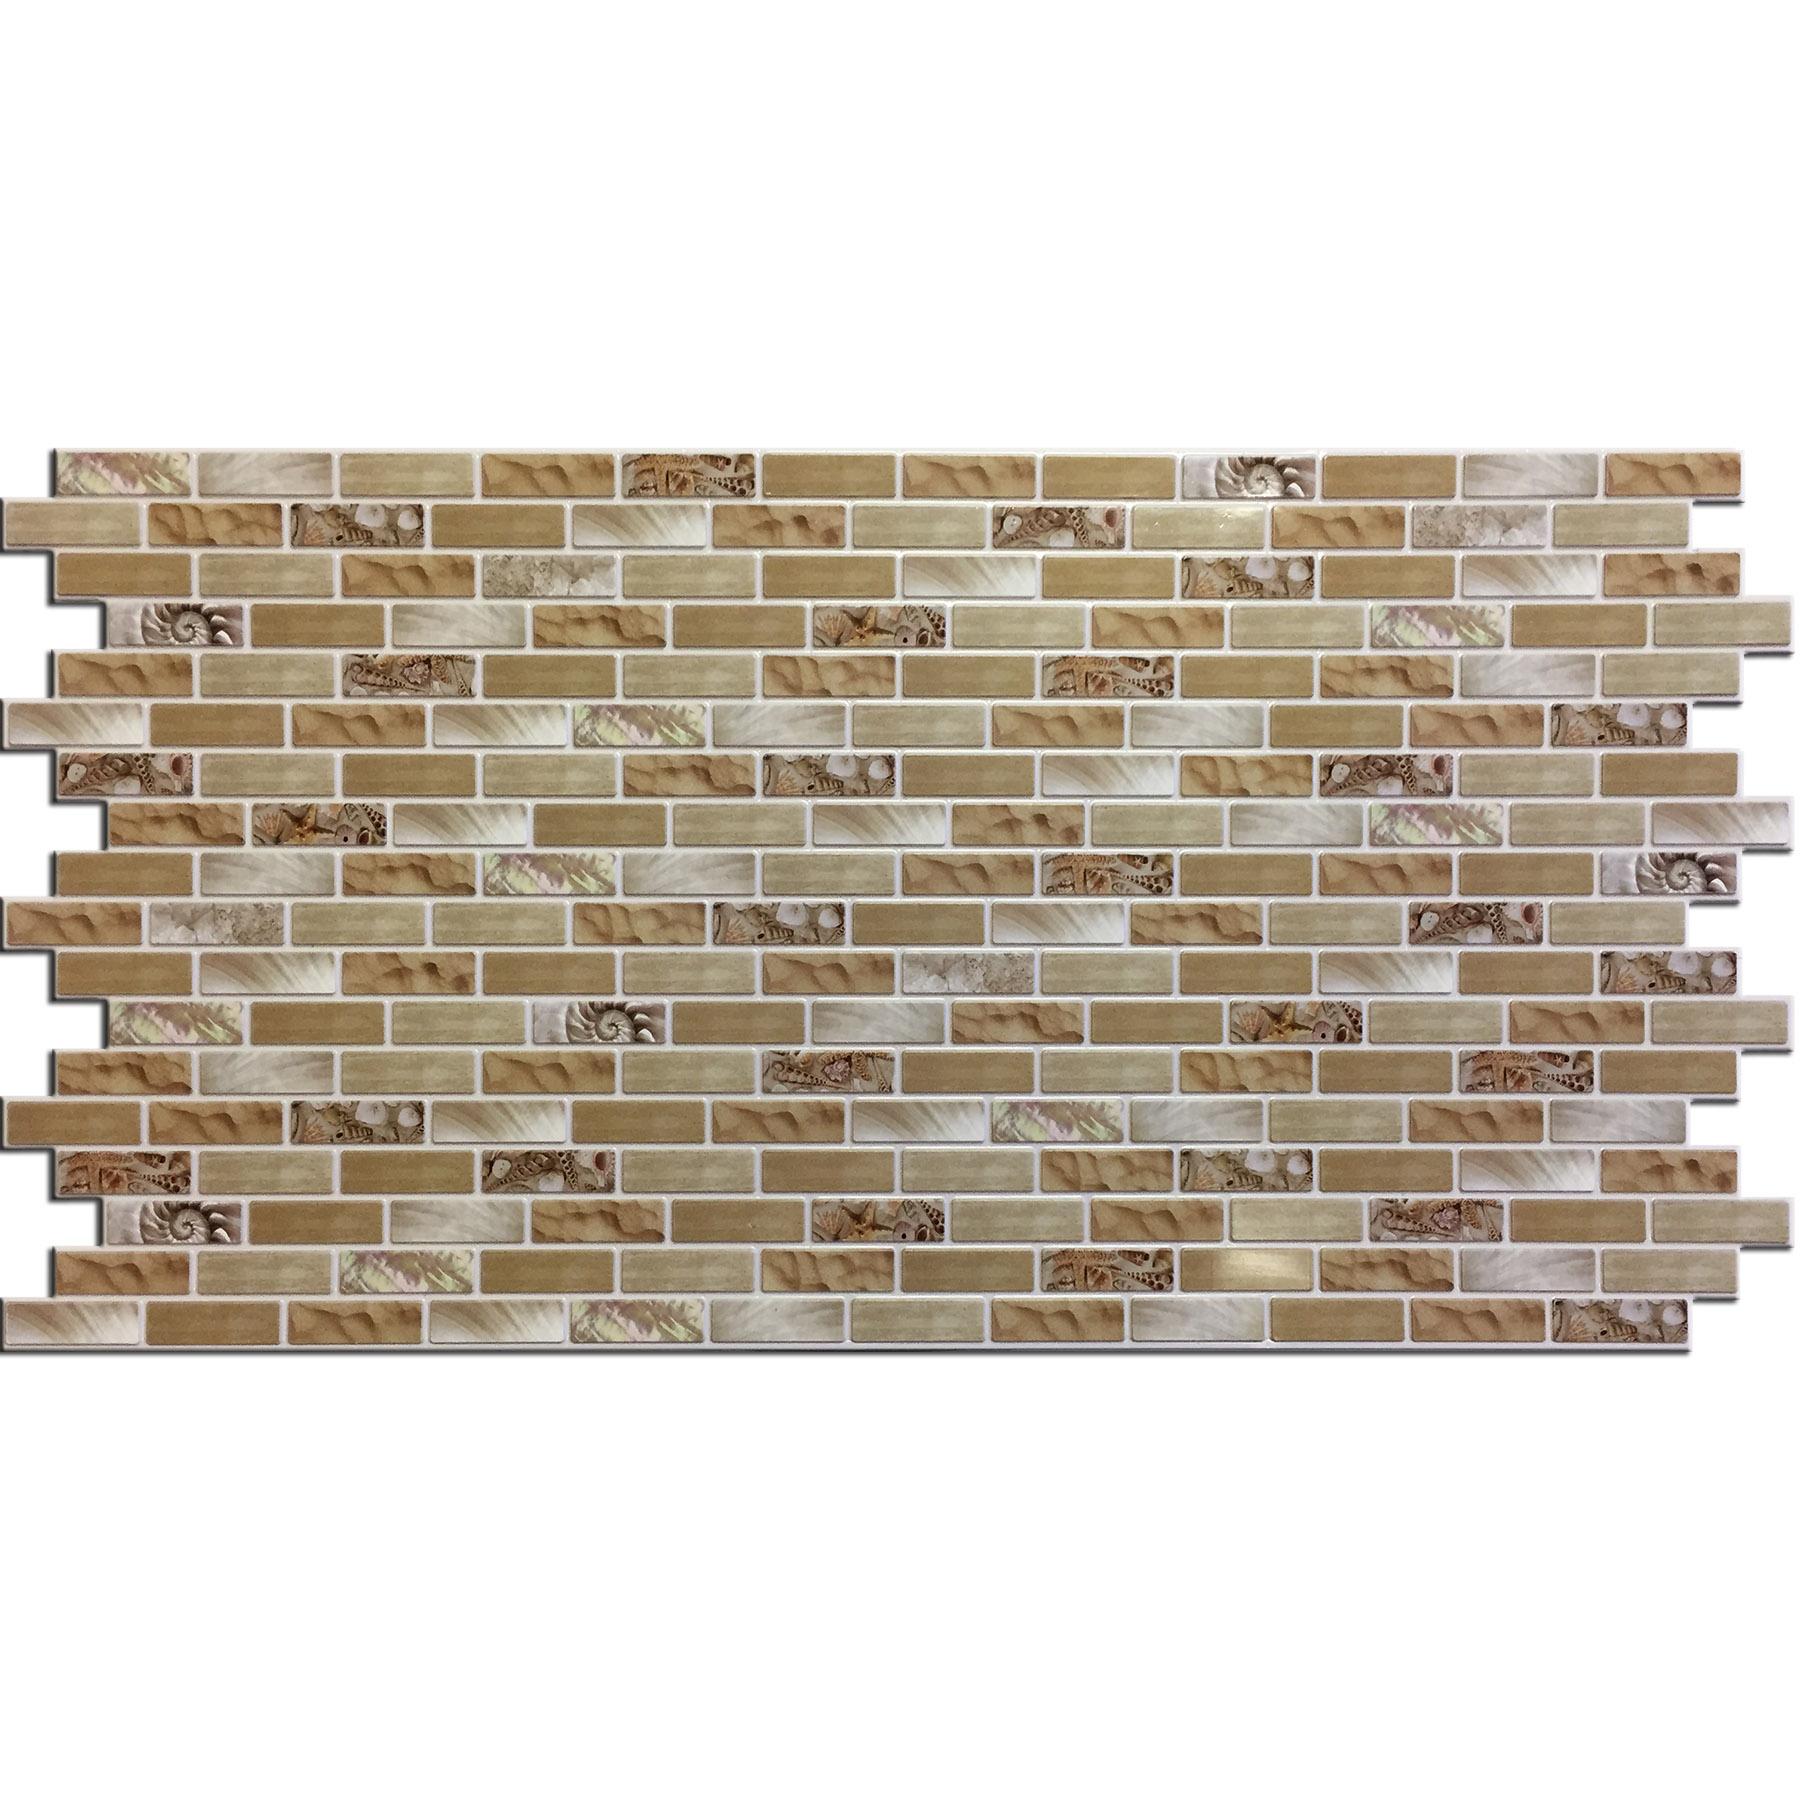 Asteria Backsplash Panel 39 X 19 12 Pvc Tile Antique Ceilings